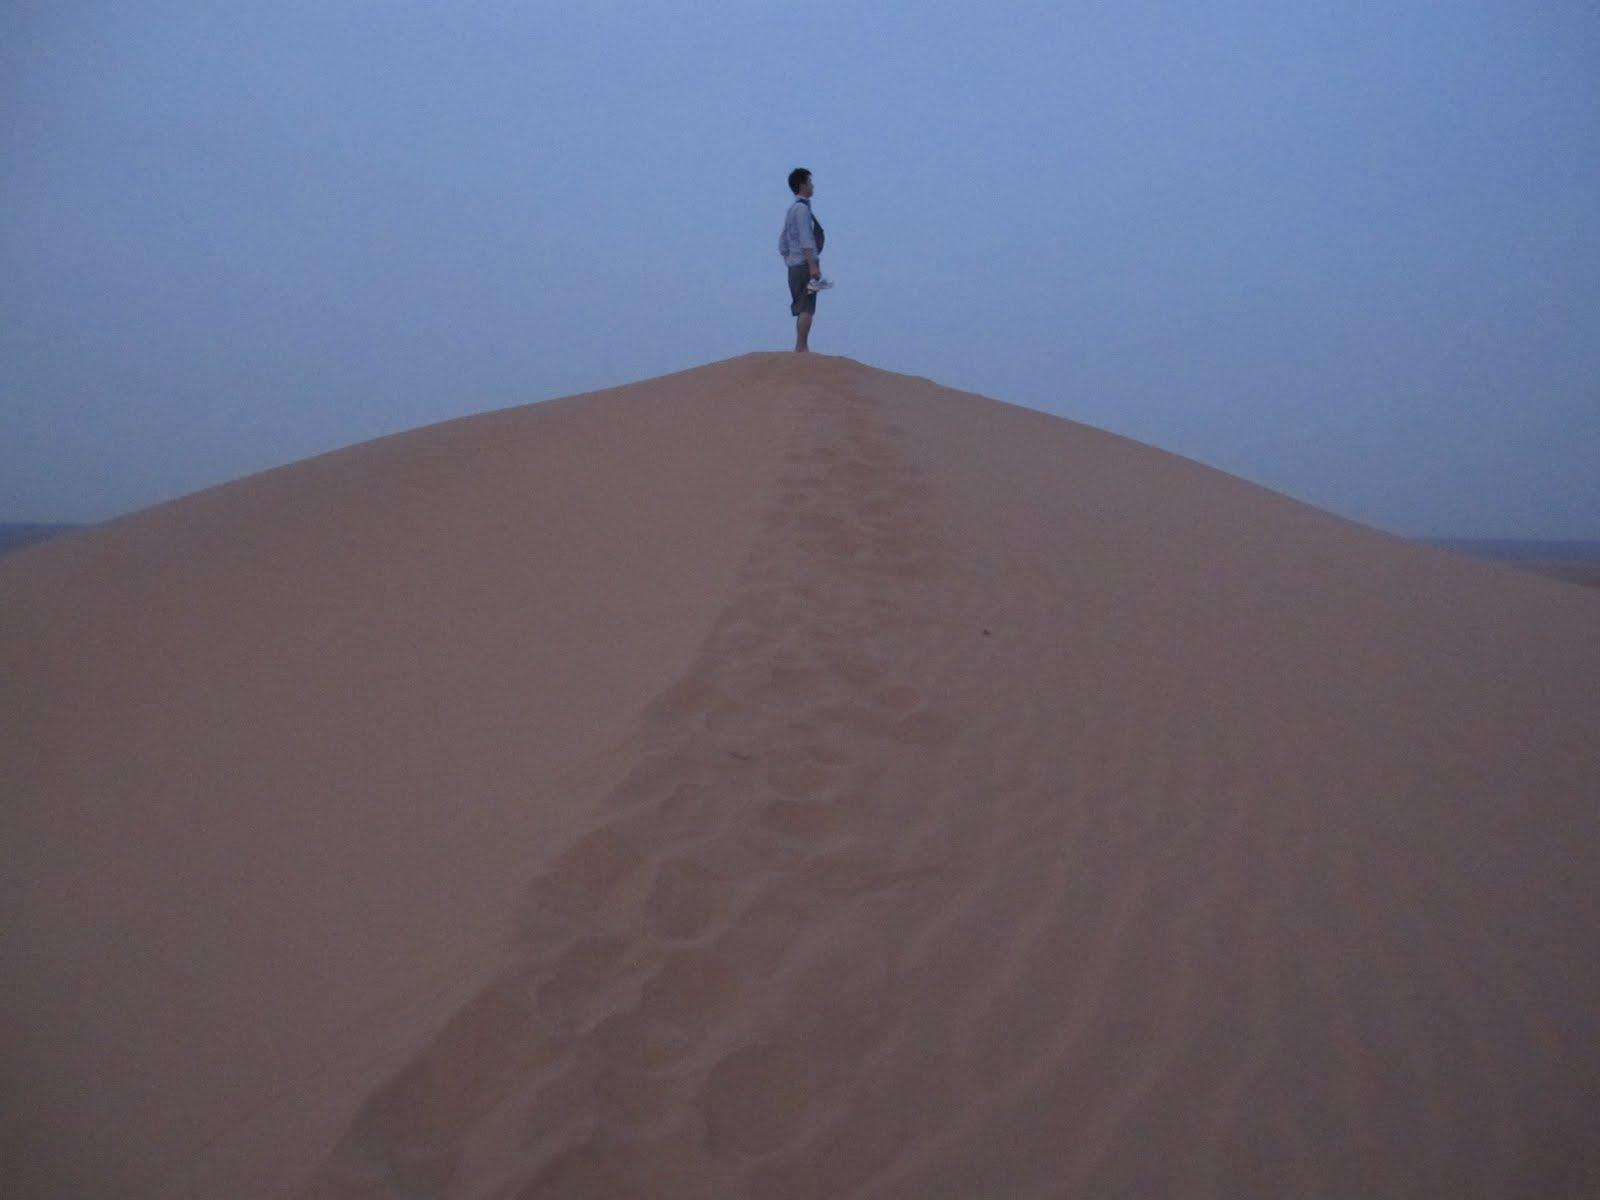 砂丘に登って物思いにふける様子笑 ロンドン留学日誌(仮)